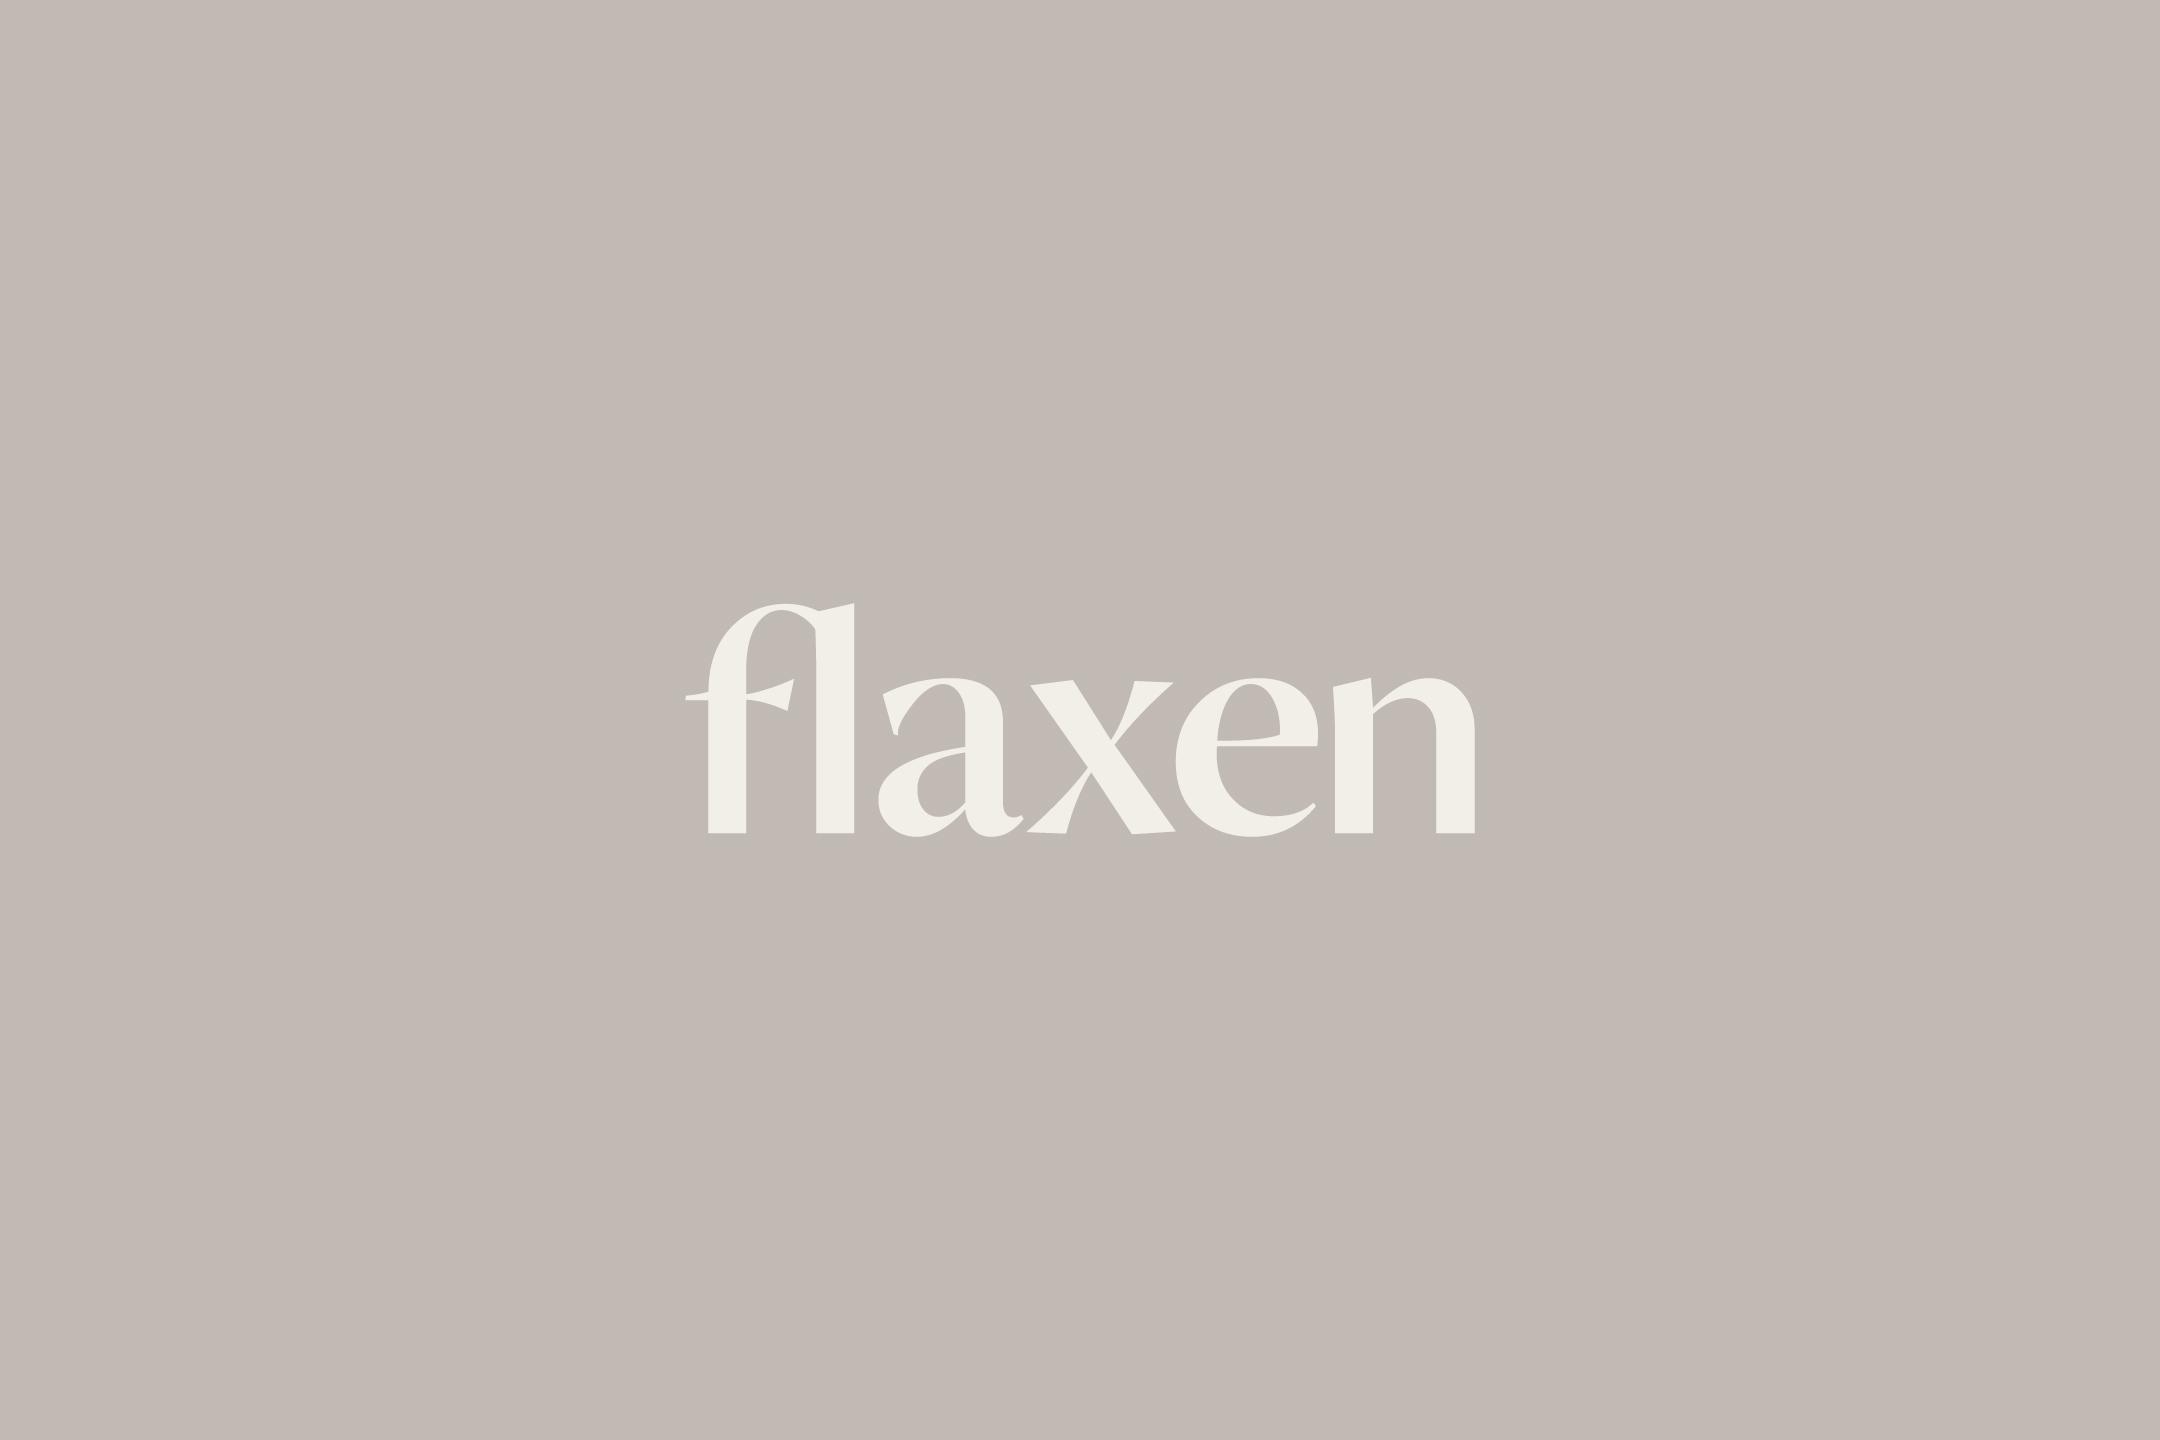 flaxen_2.jpg